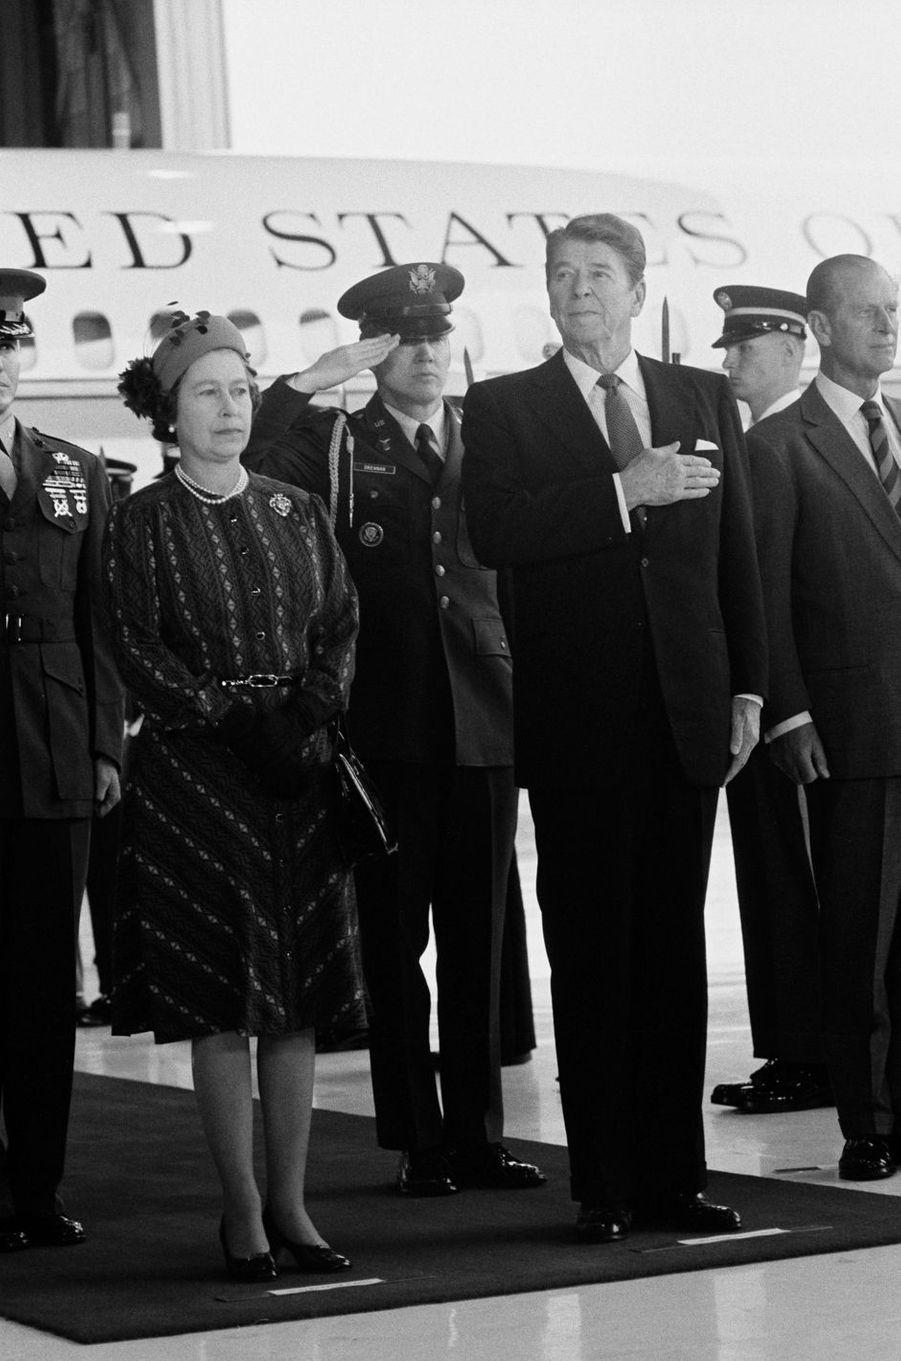 La reine Elizabeth II avec le président des Etats-Unis Ronald Reagan, aux Etats-Unis le 28 février 1983